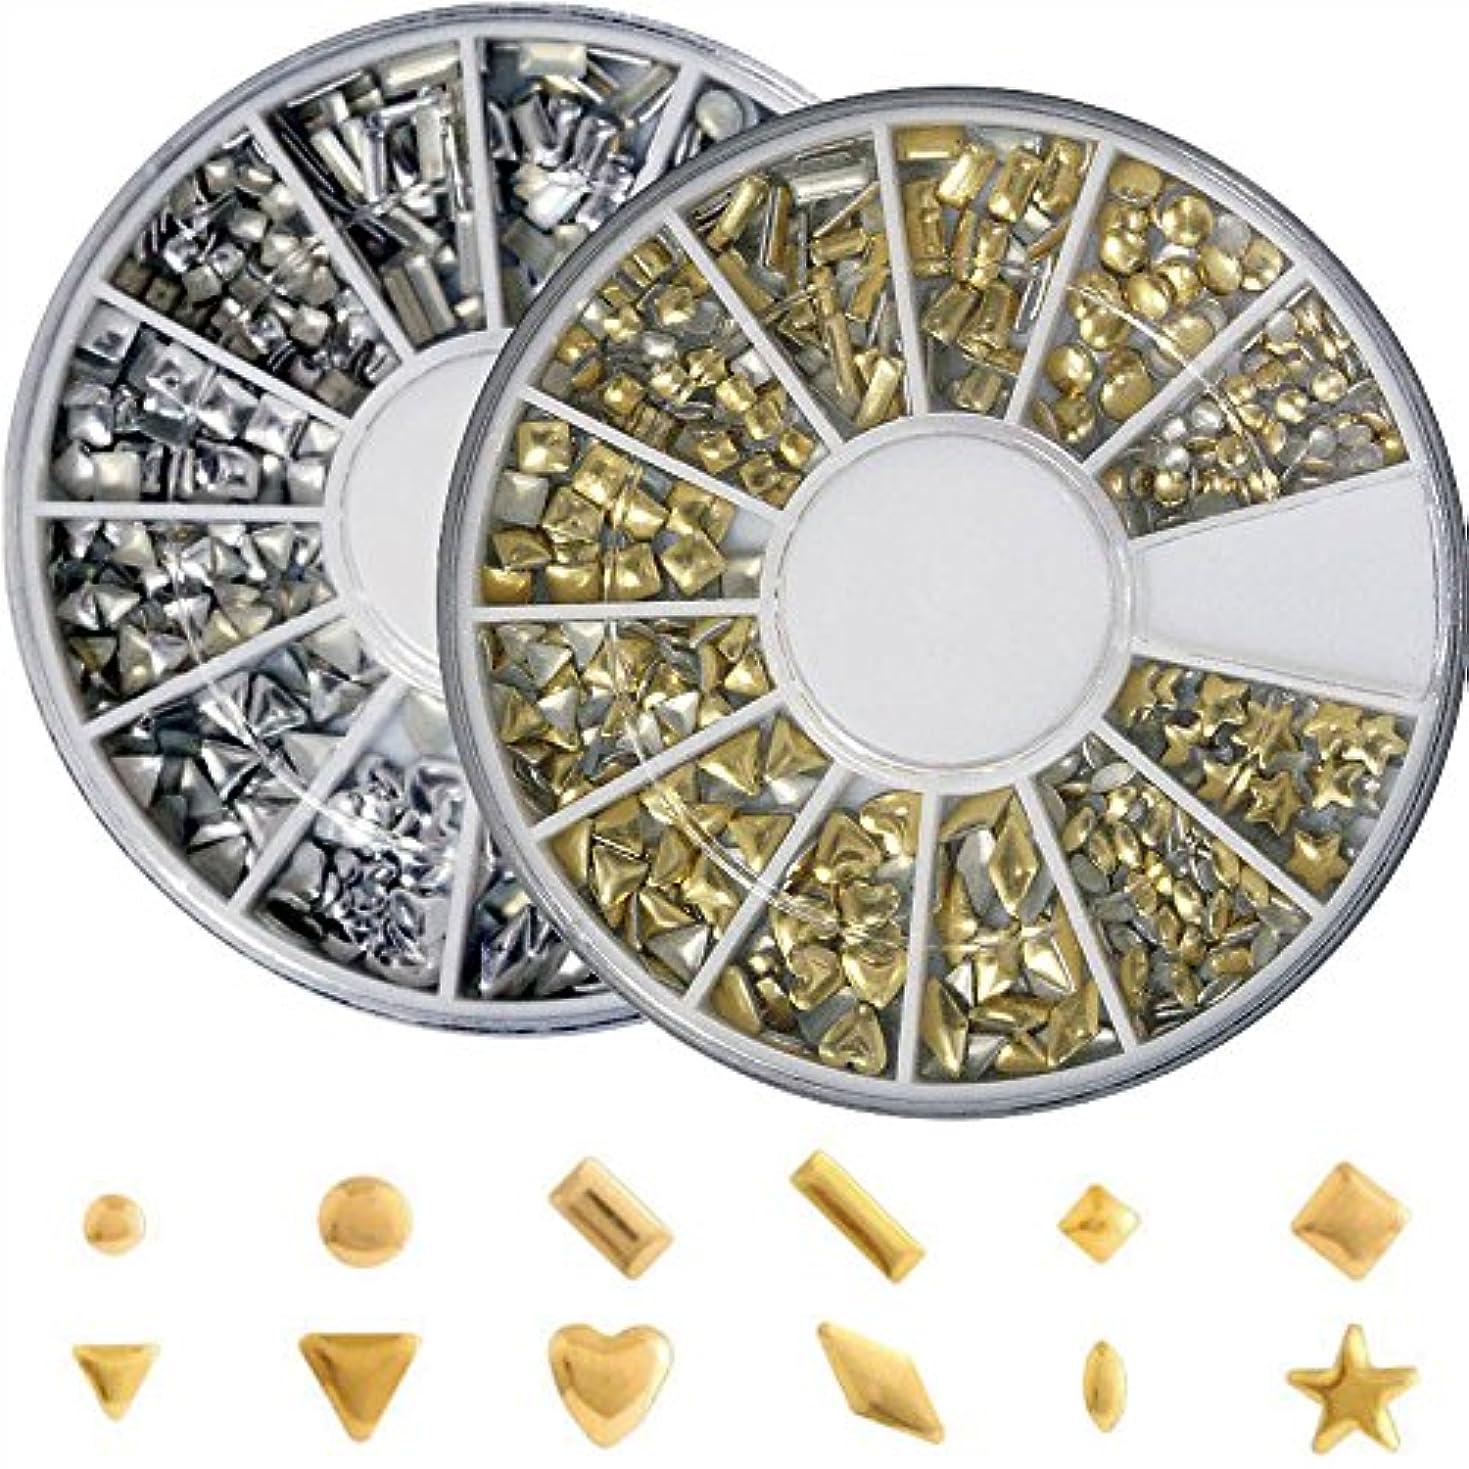 取り付け責ランドマークスタッズ ネイルパーツ レジンパーツ ゴールド&シルバー ラウンドケース入12種類 2個/セット